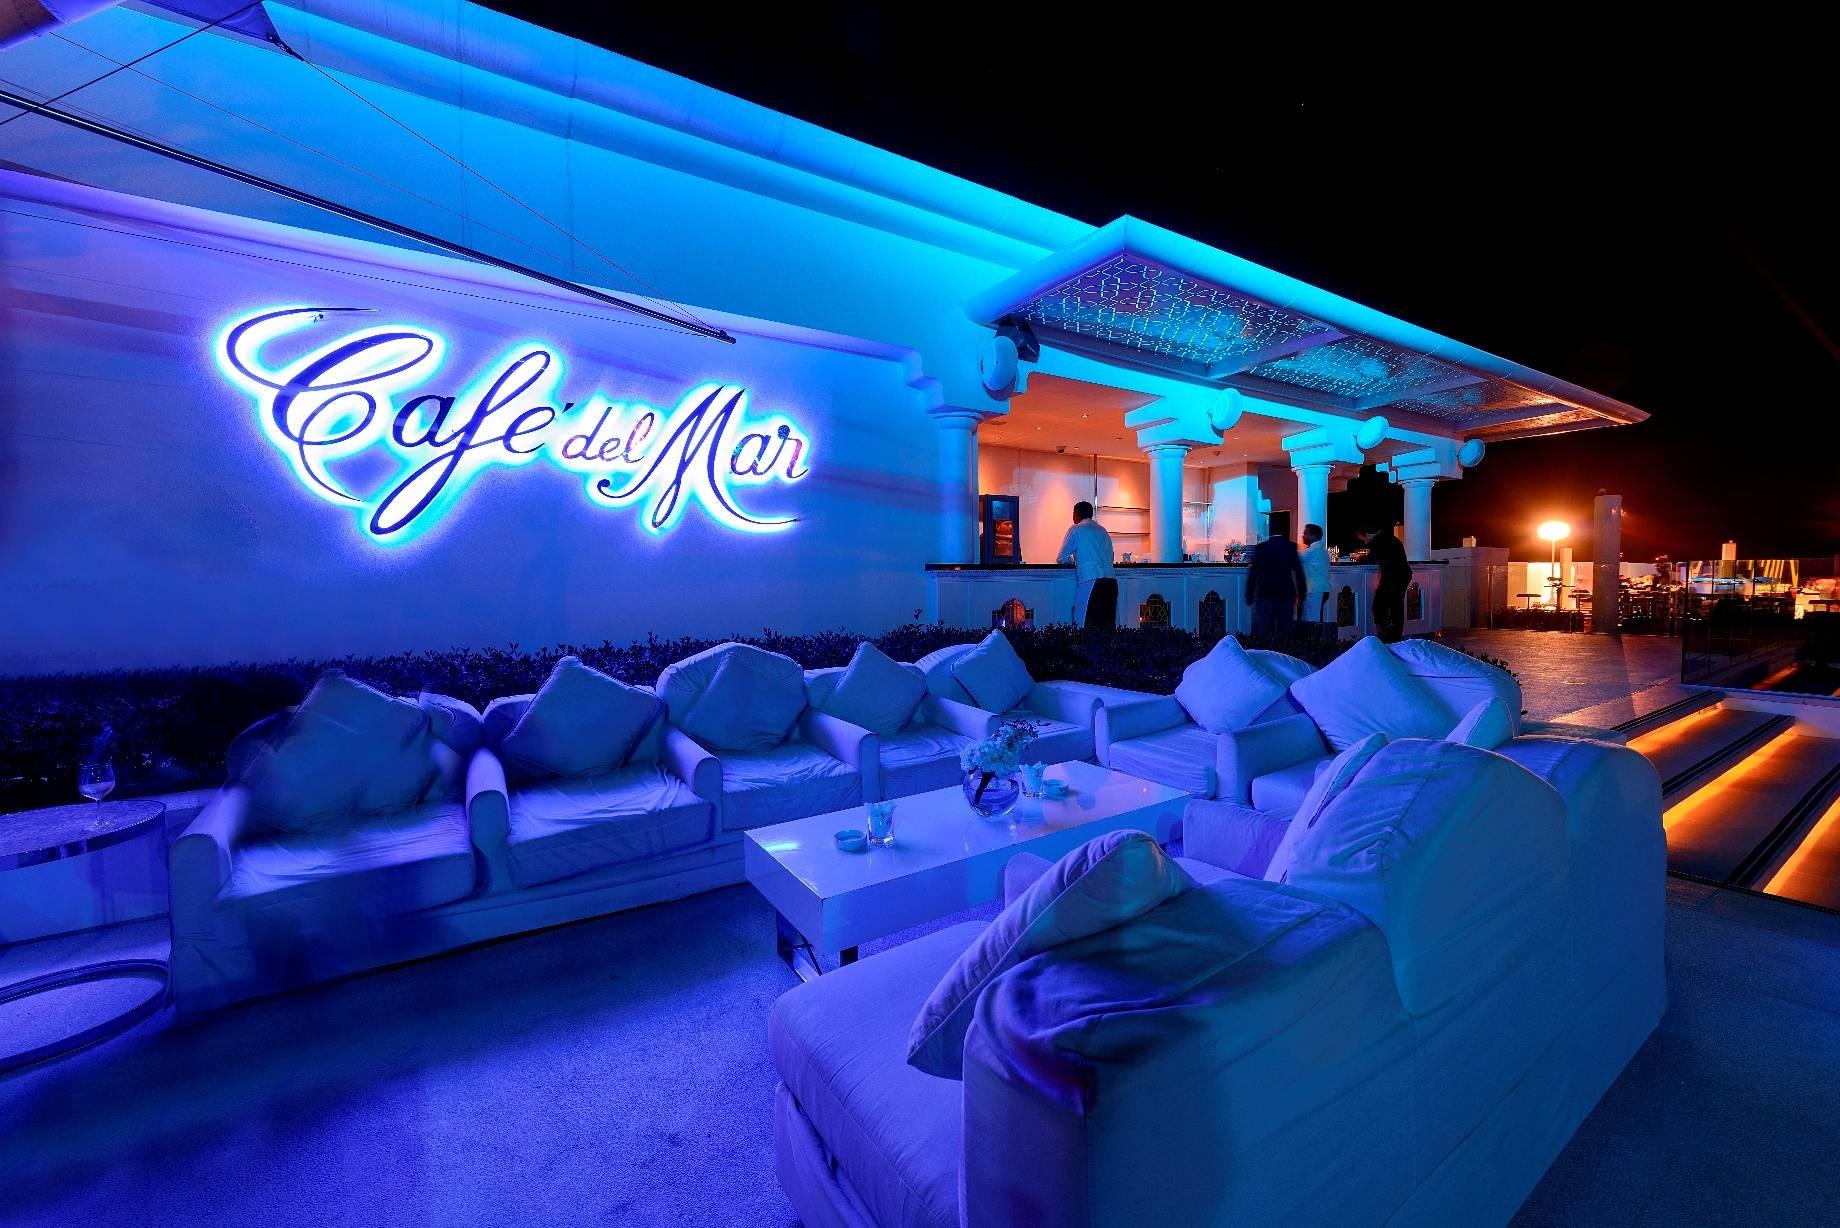 Cafe Del Mar Hotel Ibiza